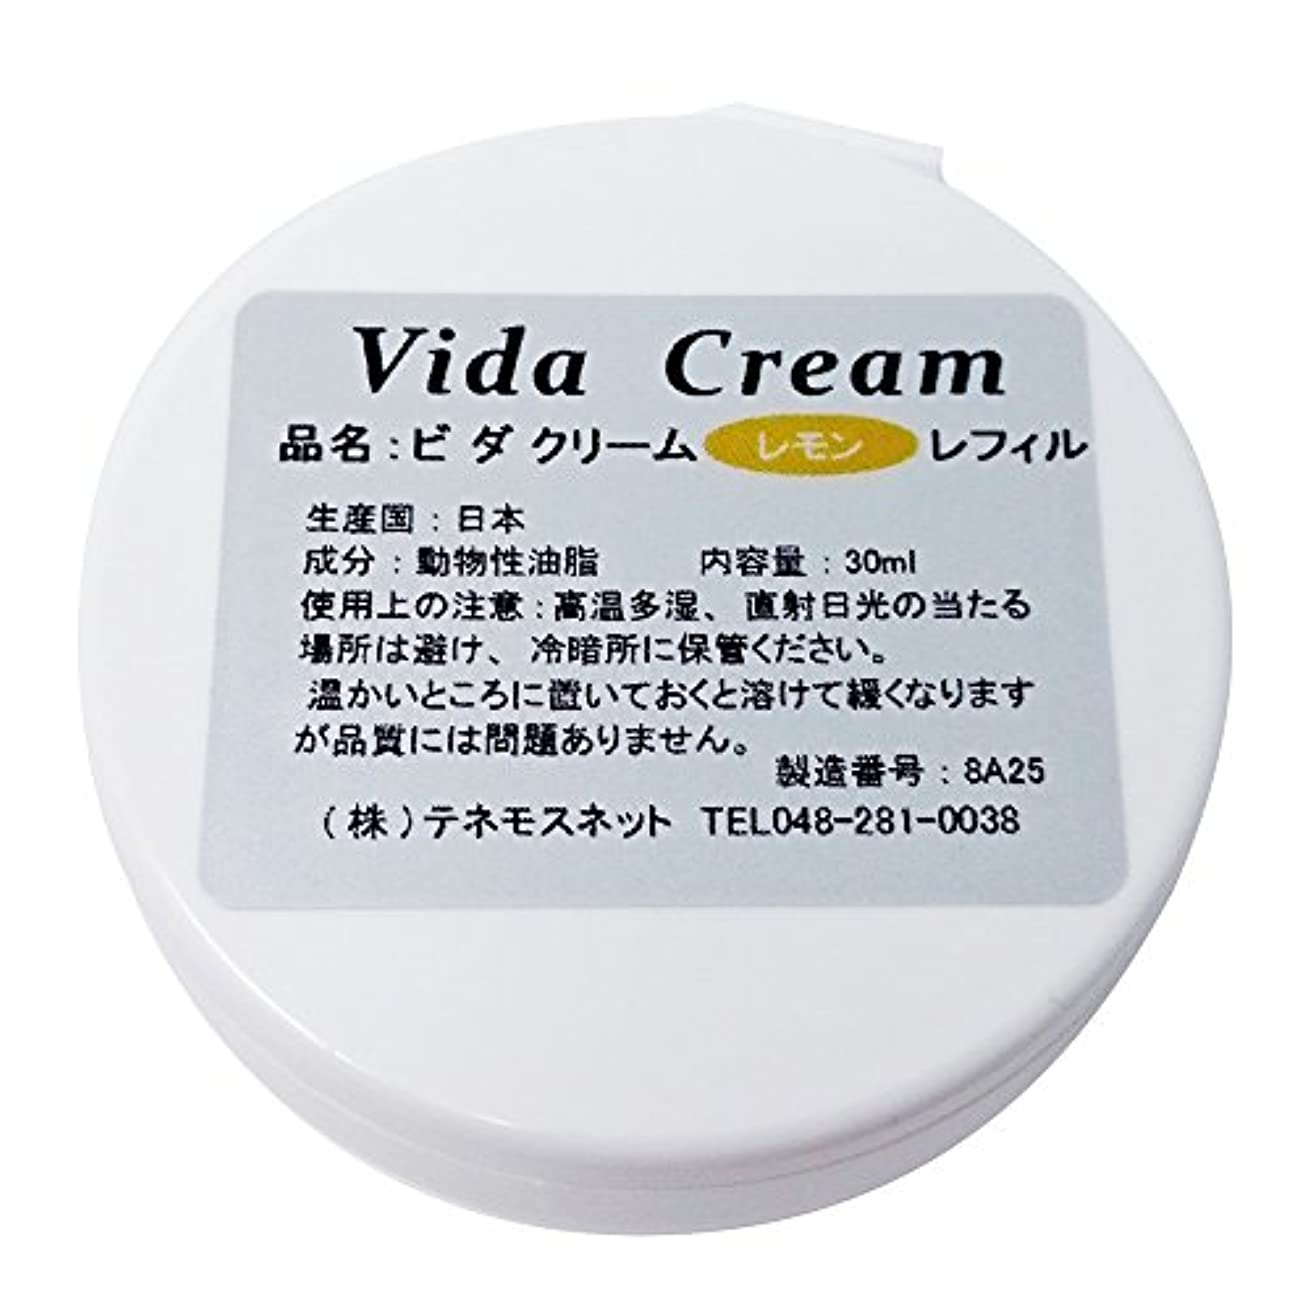 月曜日不一致ワーディアンケーステネモス ビダクリーム Vida Cream ほのかレモン レフィル 付替用 30ml